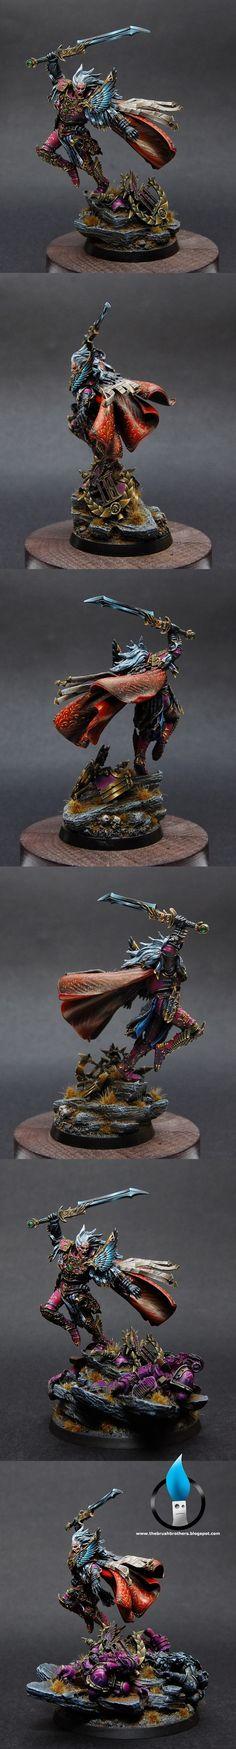 Fulgrim the Illuminator, Primarch of the Emperor's Children